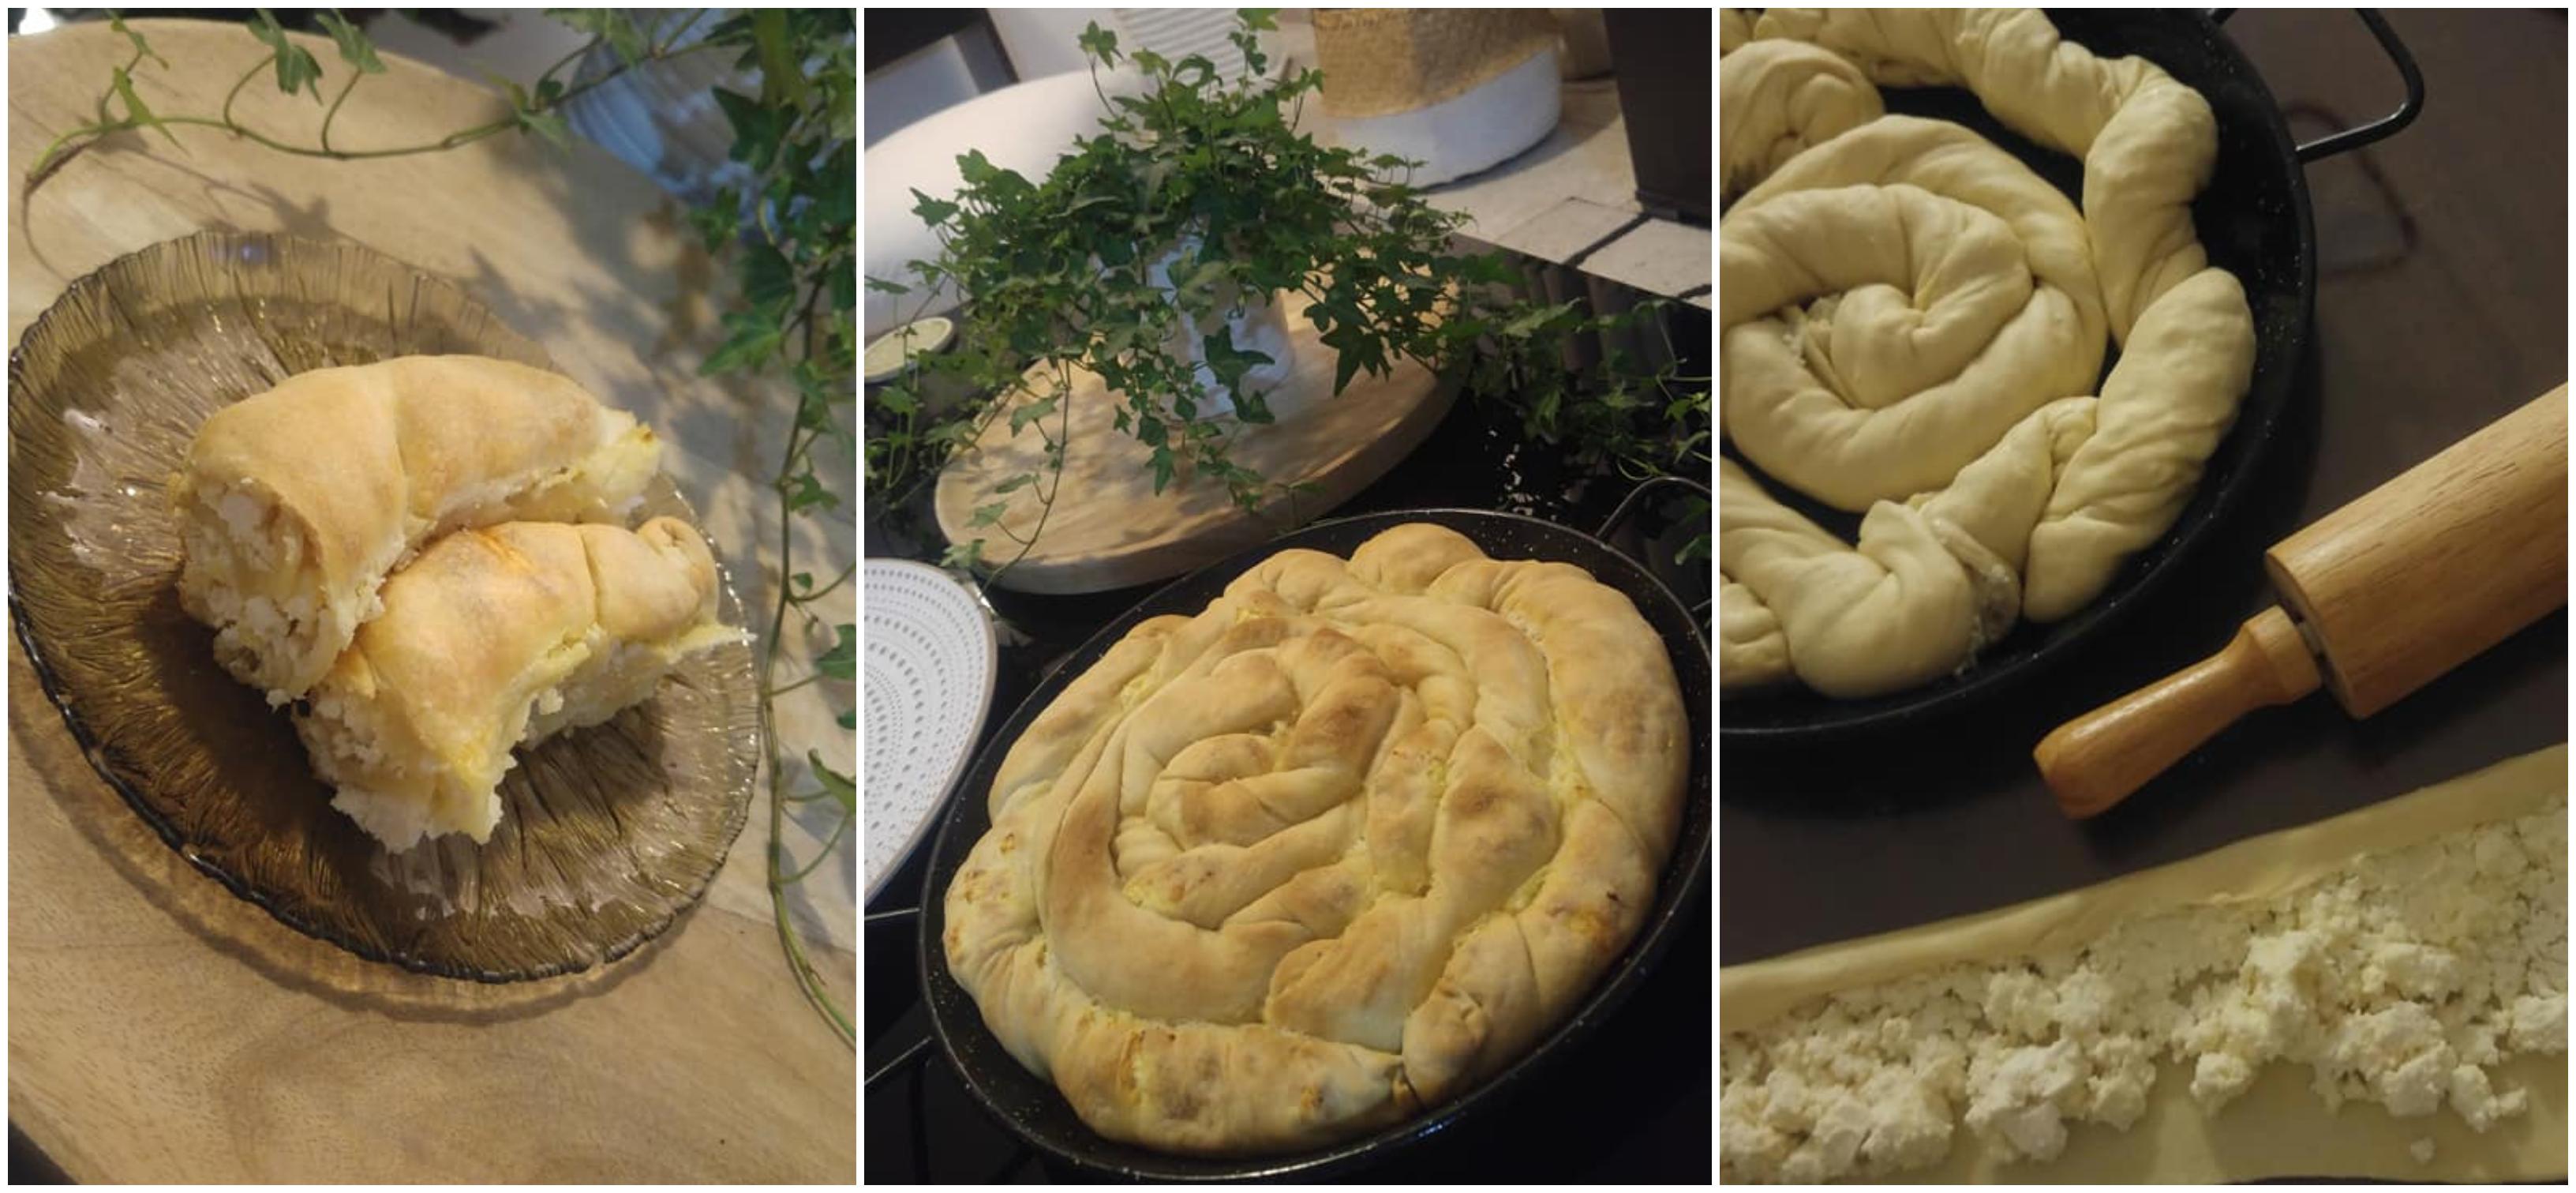 Συνταγή για χωριάτικη στριφτή τυρόπιτα με χειροποίητο φύλλο με αναρή και φέτα!